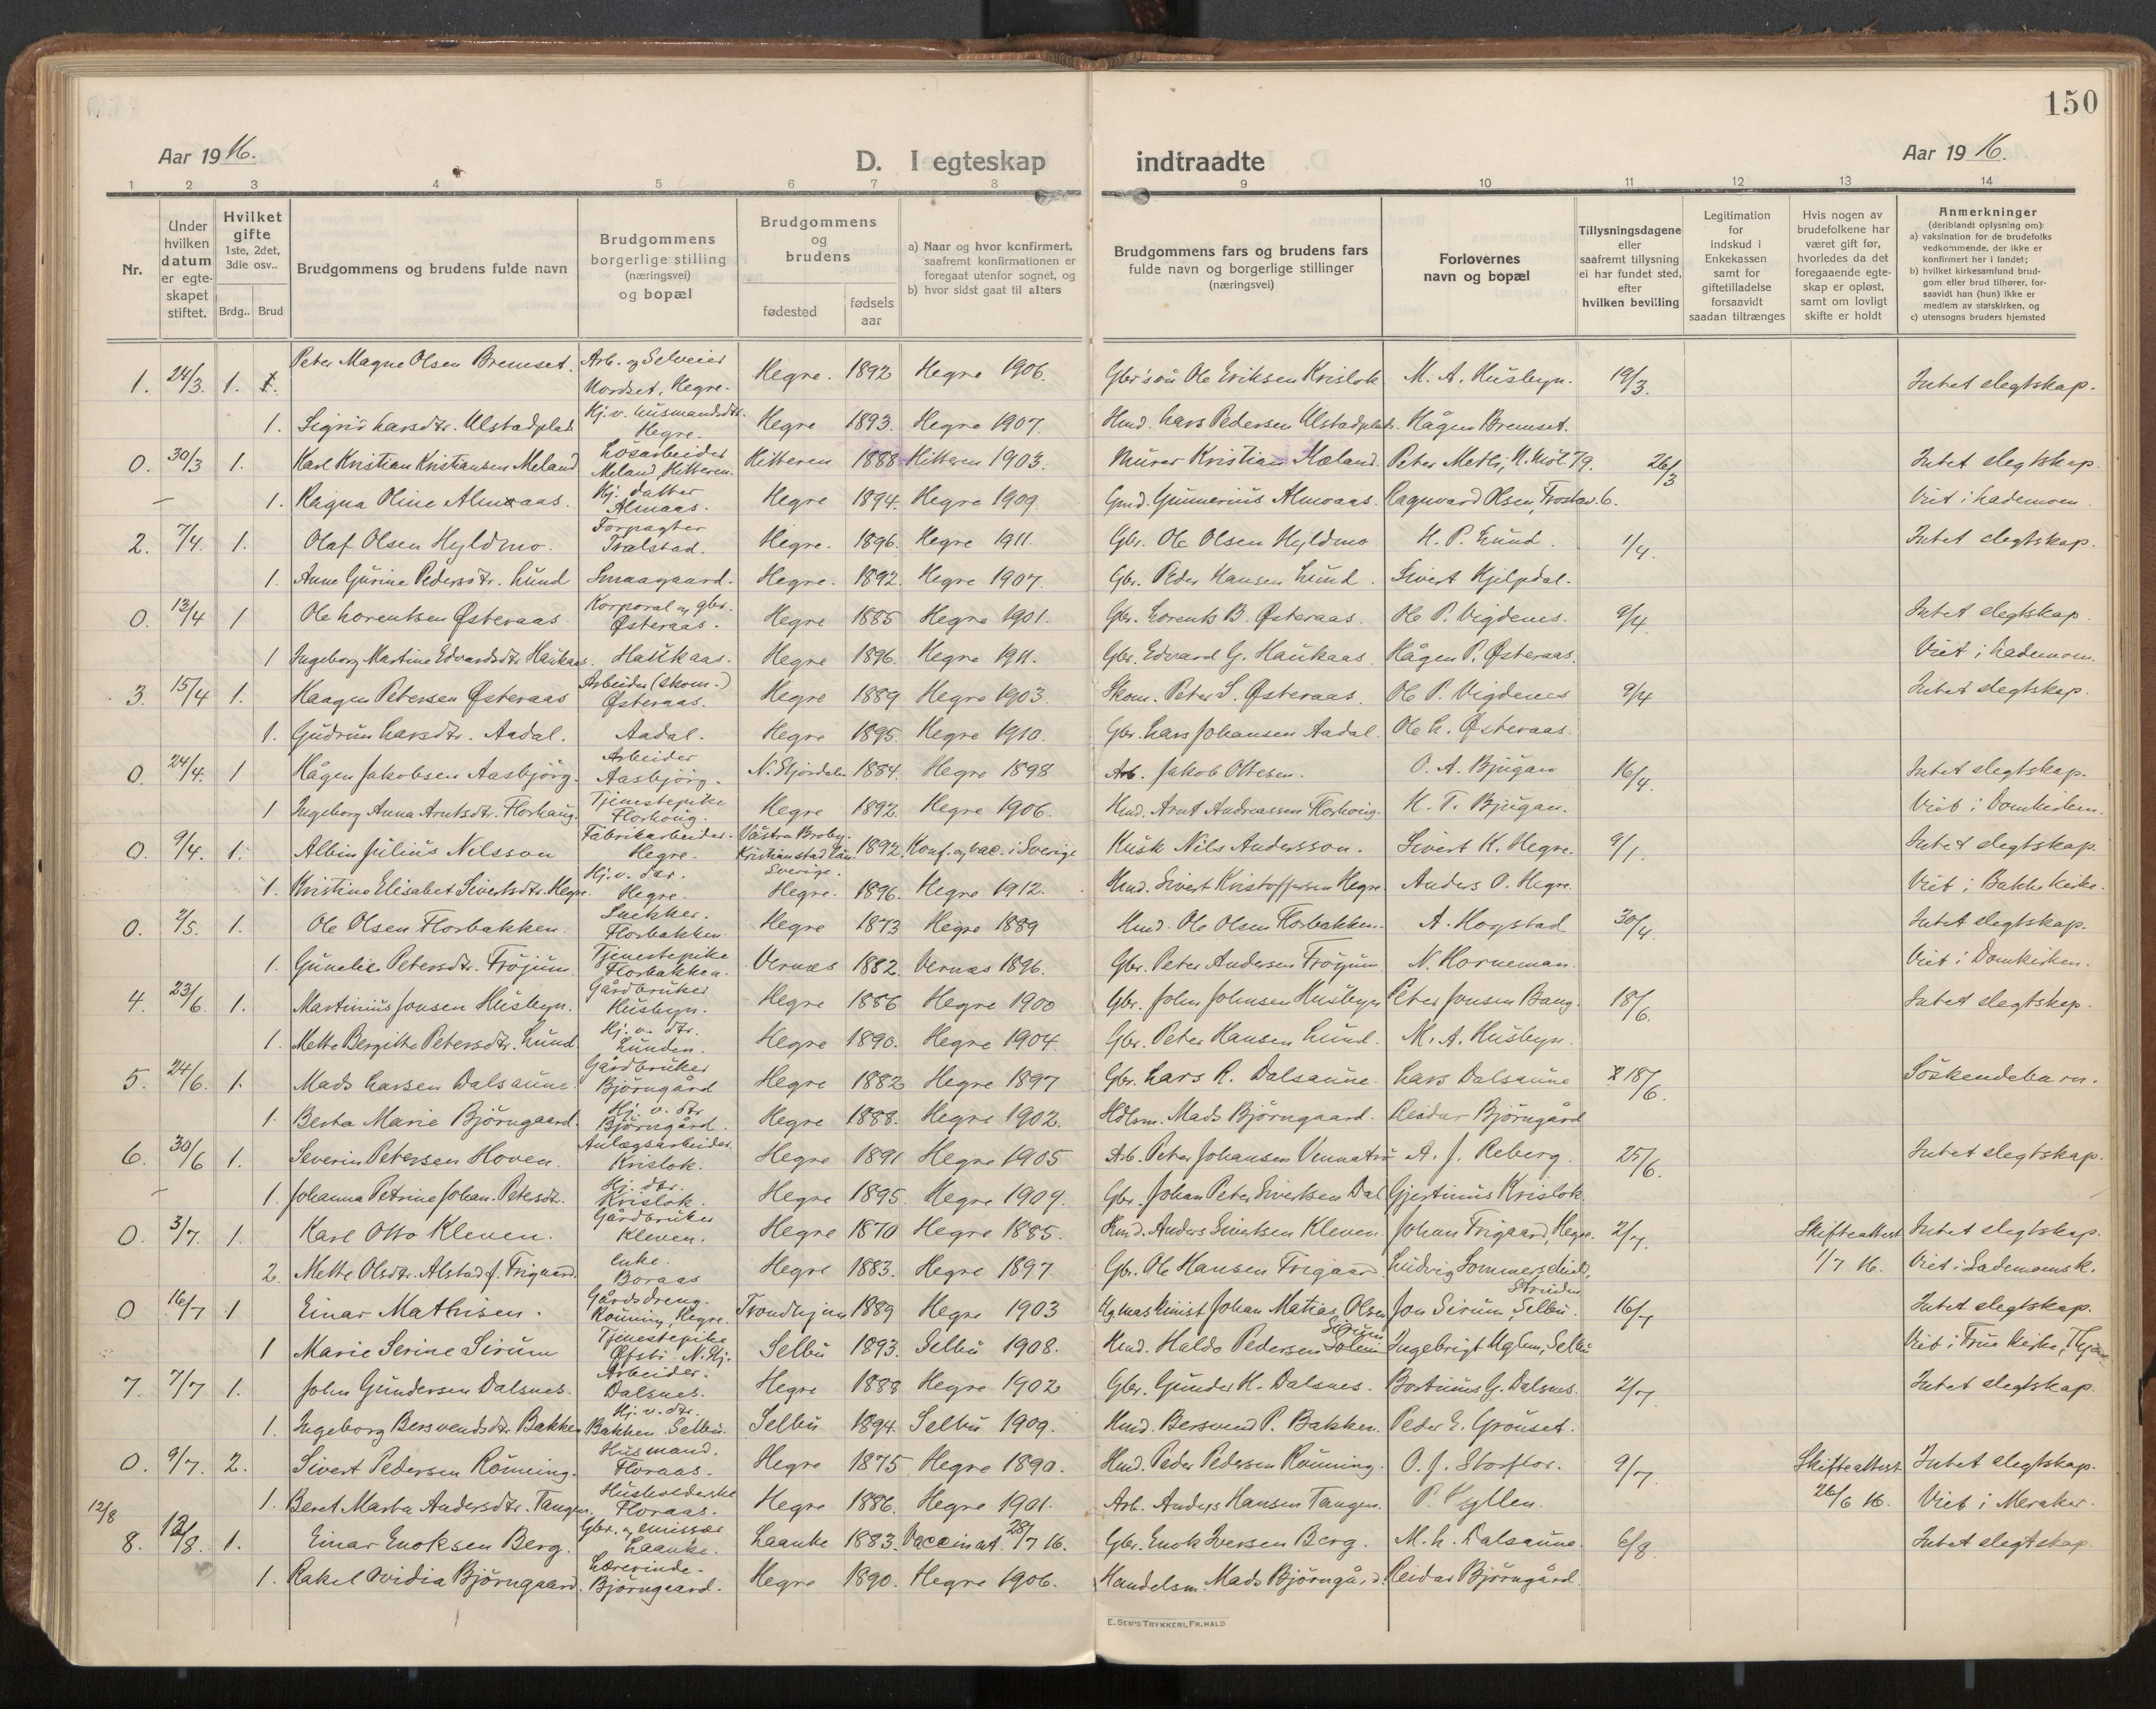 SAT, Ministerialprotokoller, klokkerbøker og fødselsregistre - Nord-Trøndelag, 703/L0037: Parish register (official) no. 703A10, 1915-1932, p. 150